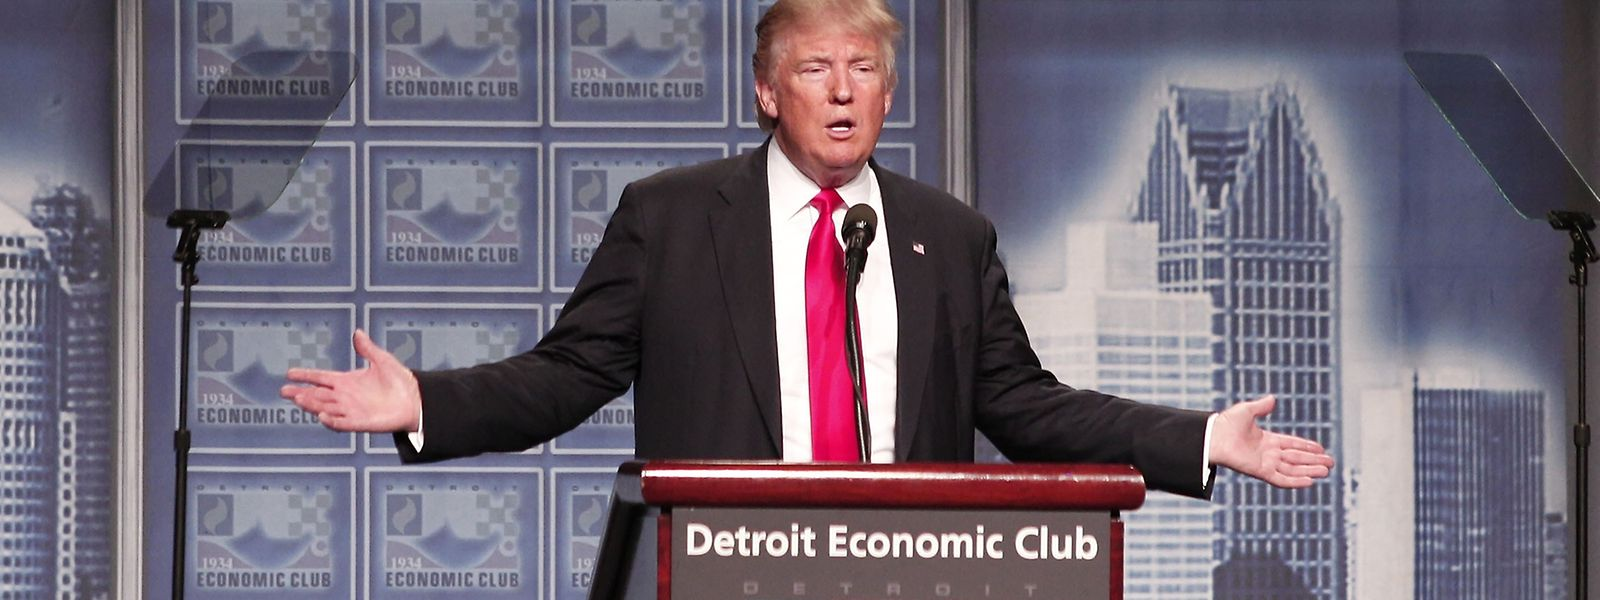 Der Präsidentschaftskandidat hielt seine Grundsatzrede zur Wirtschaft in Detroit.